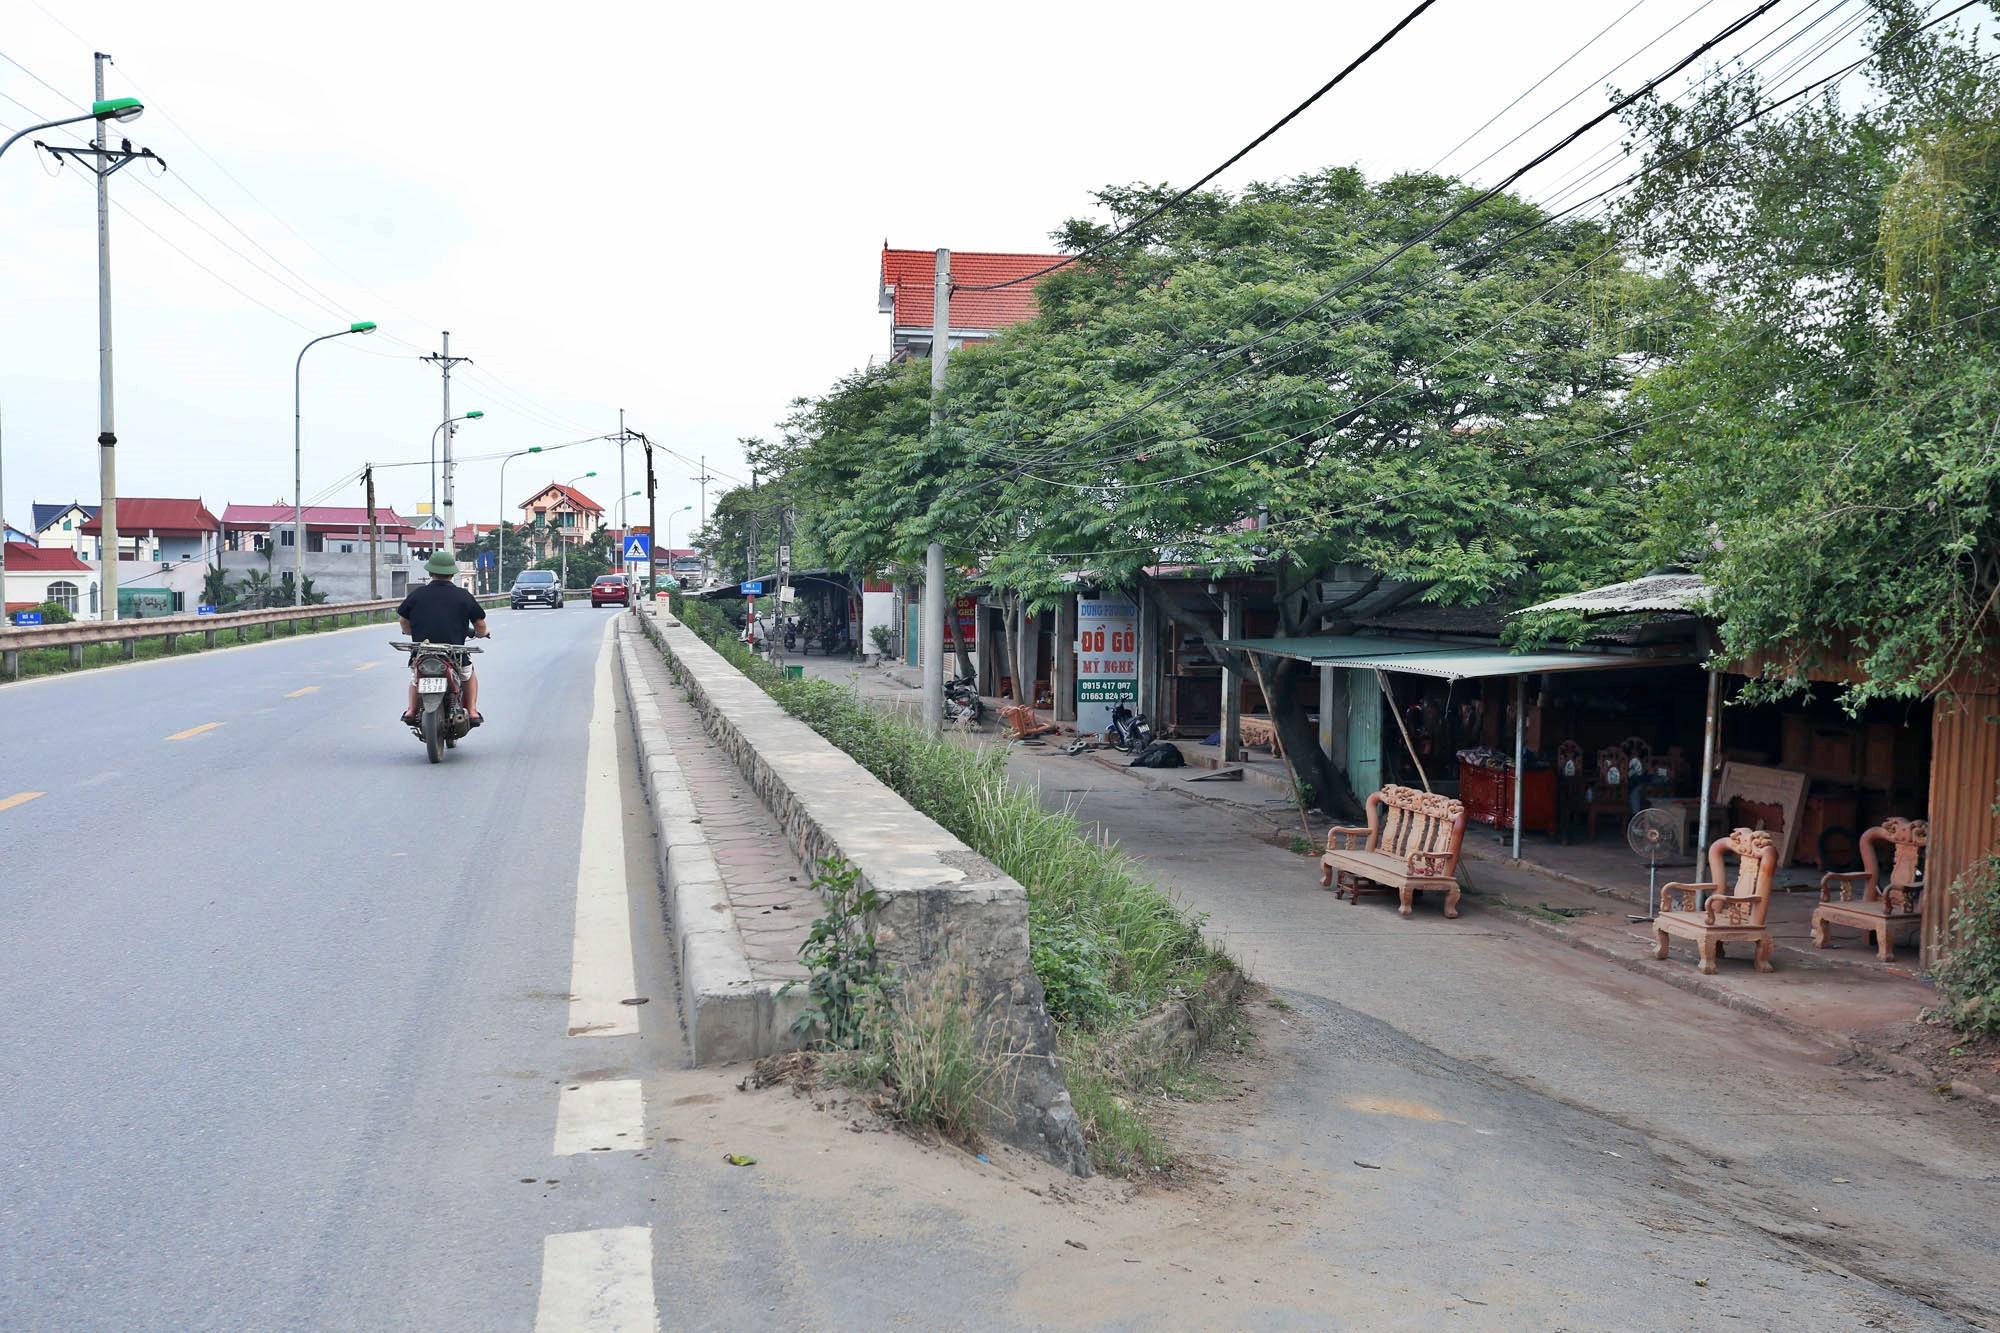 Toàn cảnh hiện trạng Phân khu đô thị sông Hồng trên địa bàn quận Bắc Từ Liêm - Ảnh 8.